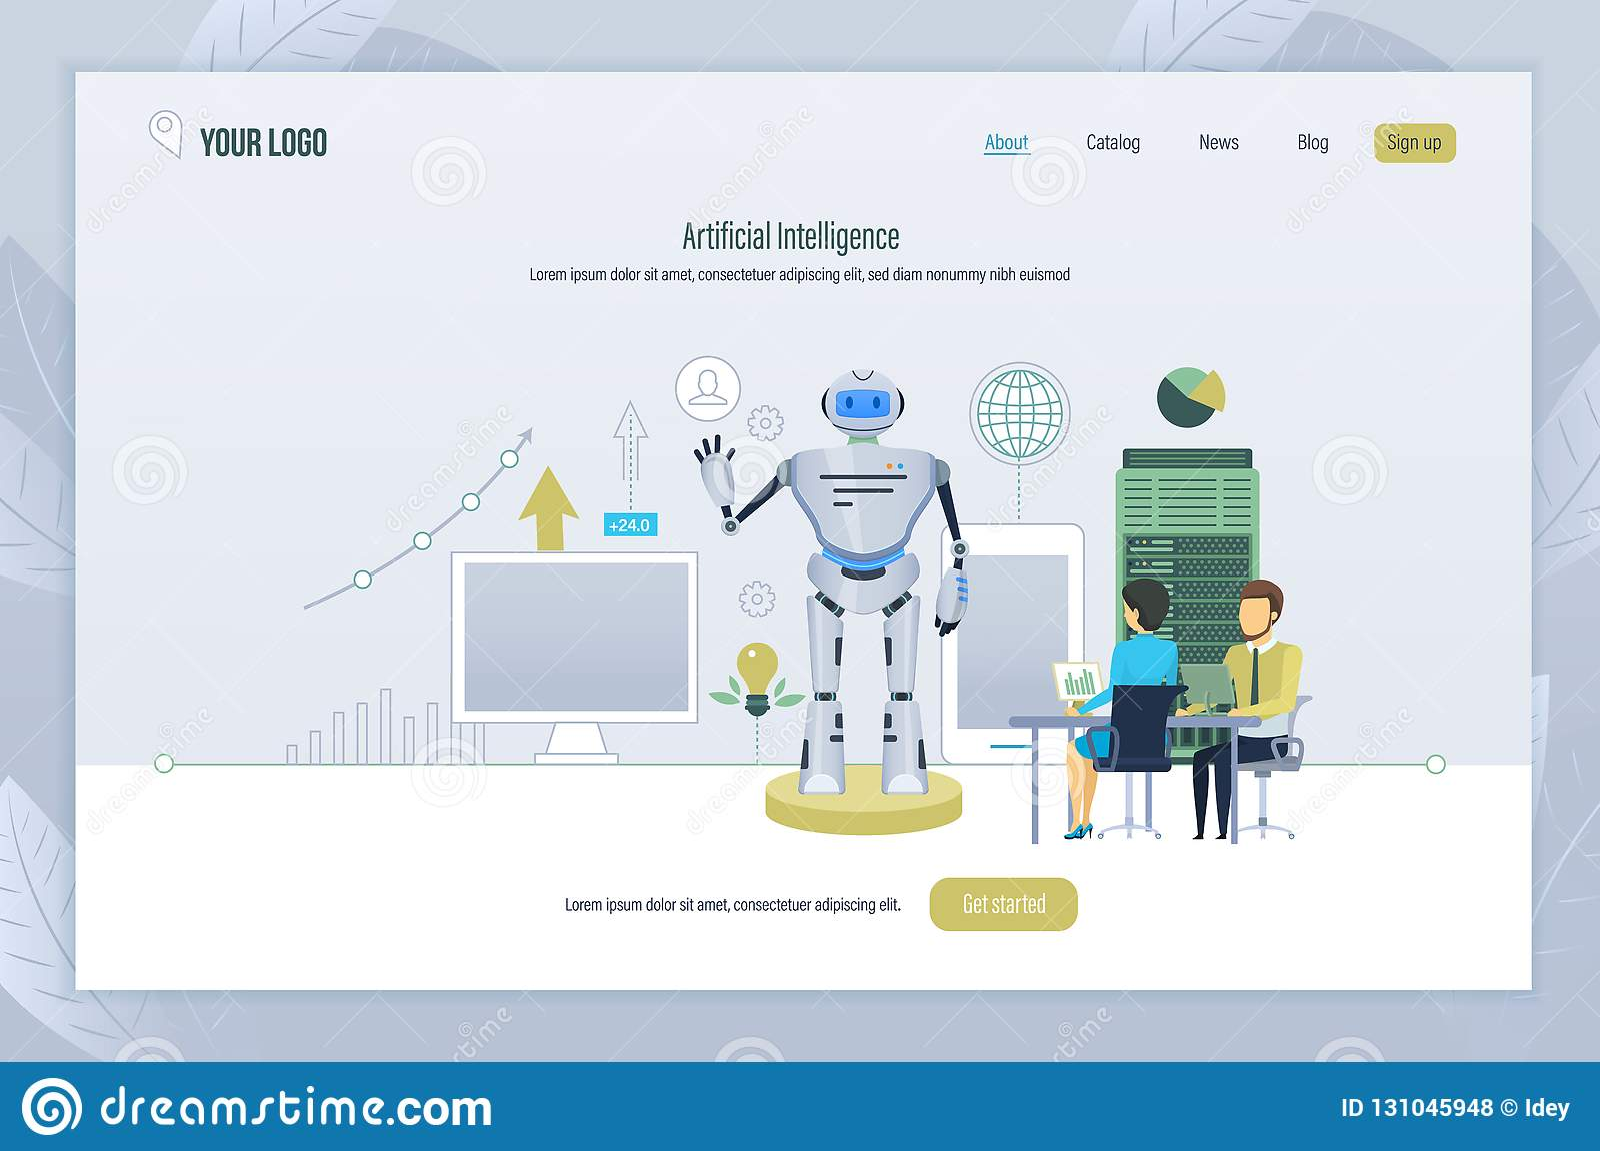 人工智能 创作,管理,测试机器人,未来技术